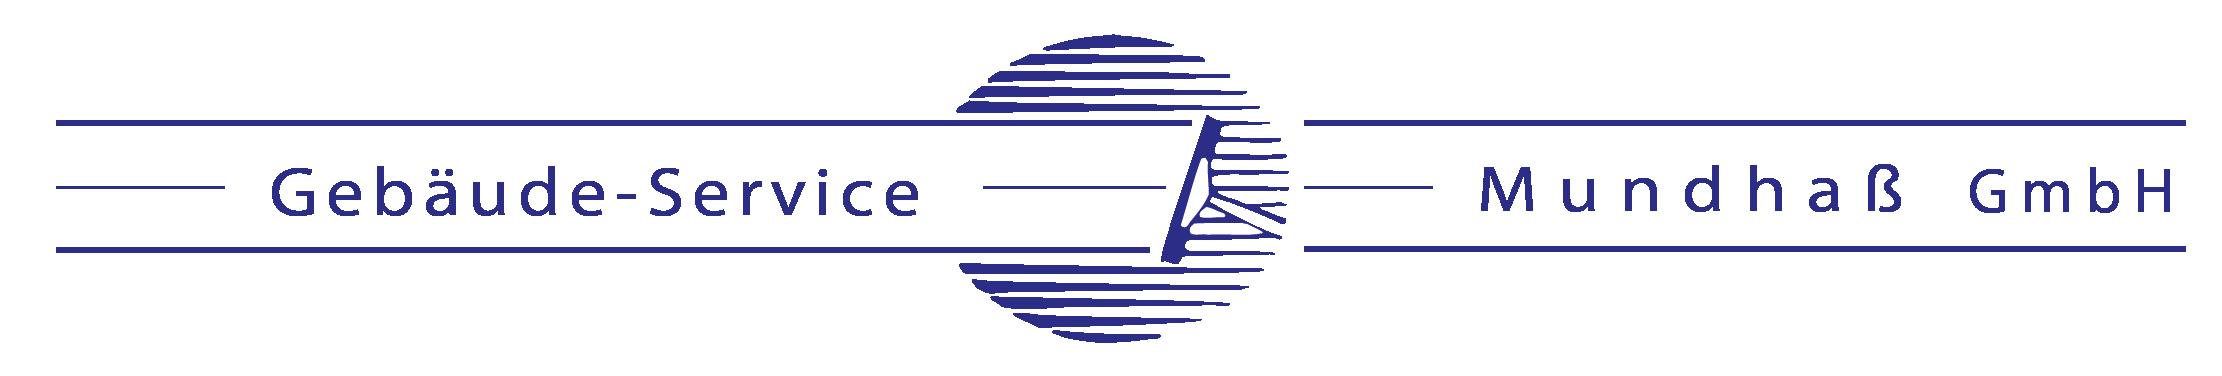 Gebäude-Service Mundhaß GmbH